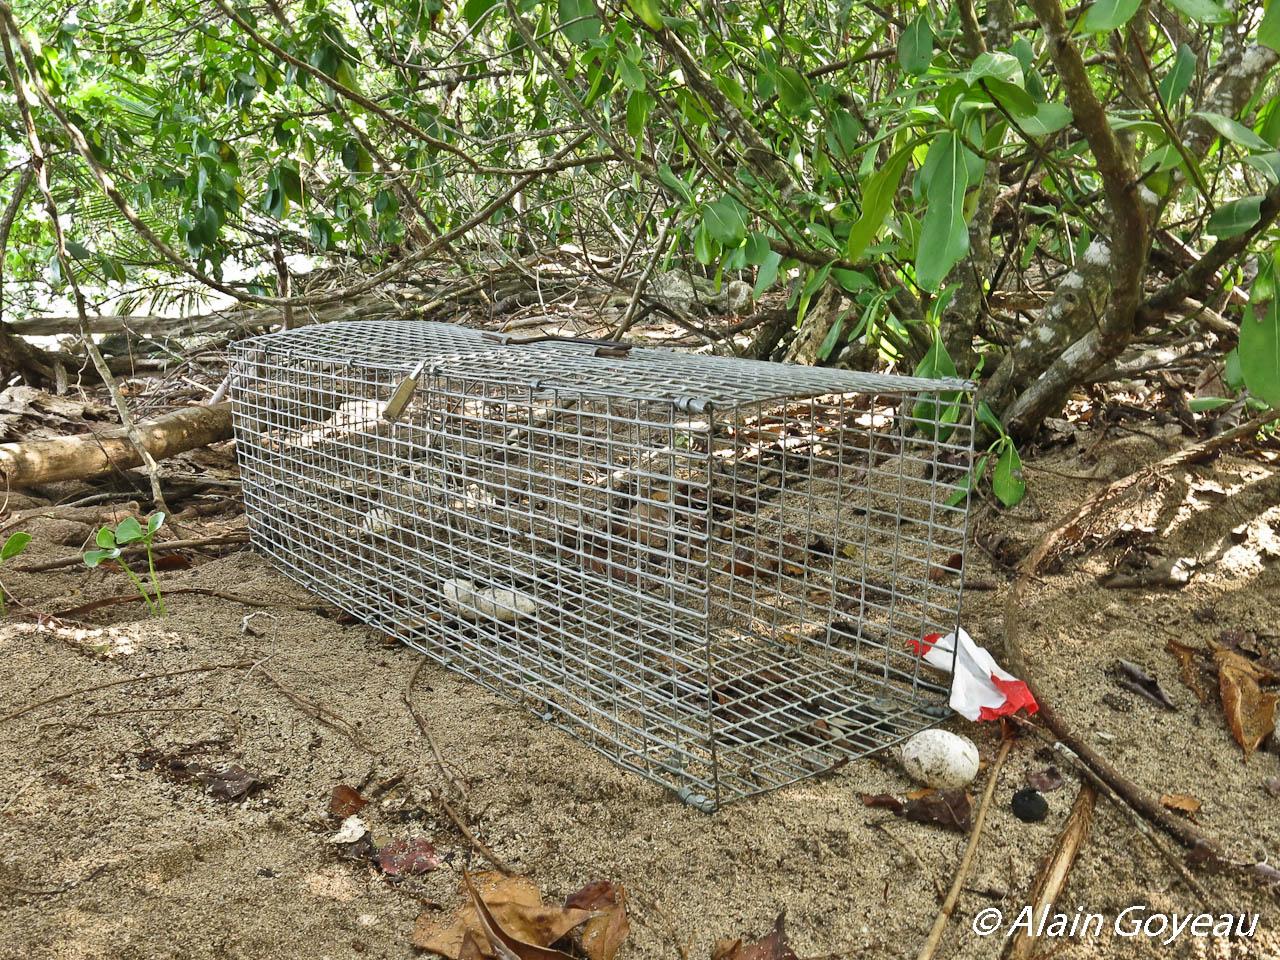 Piège cage utilisé pour la capture de la Mangouste Indienne en Guadeloupe.